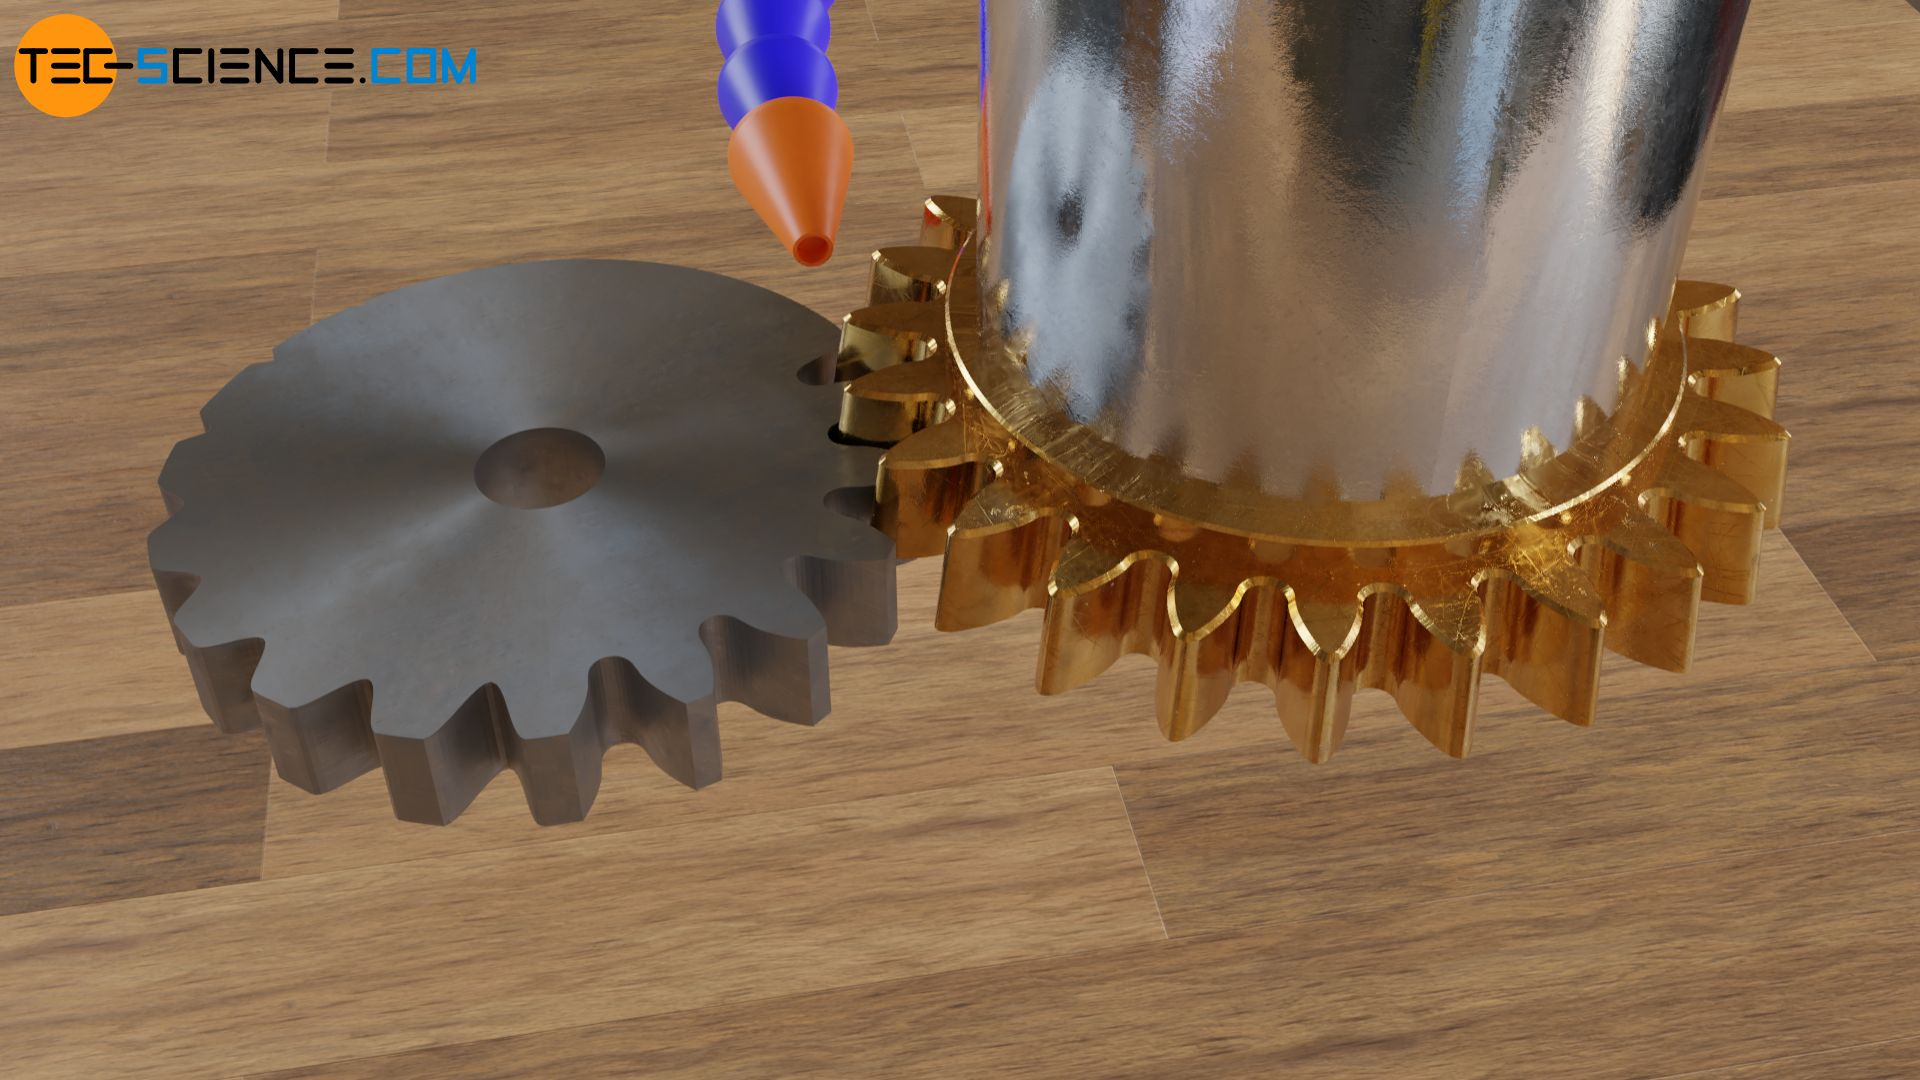 Zahnradherstellung durch Wälzstoßen